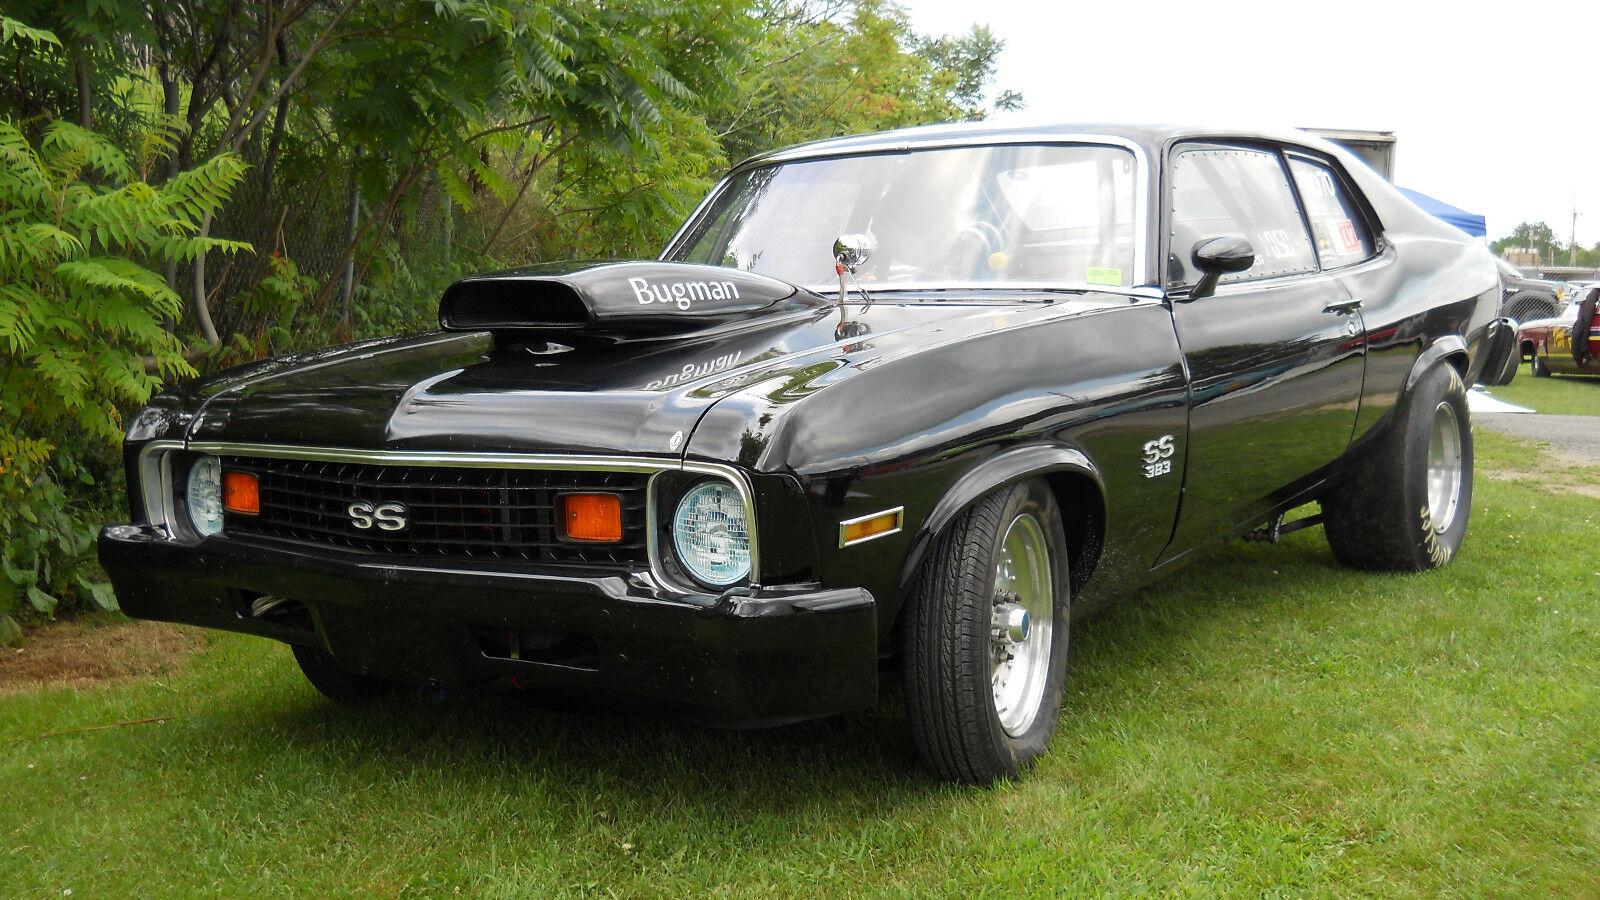 SS NOVA 1973 Drag Car 383 Runs Mid 10s (NO RESERVE)